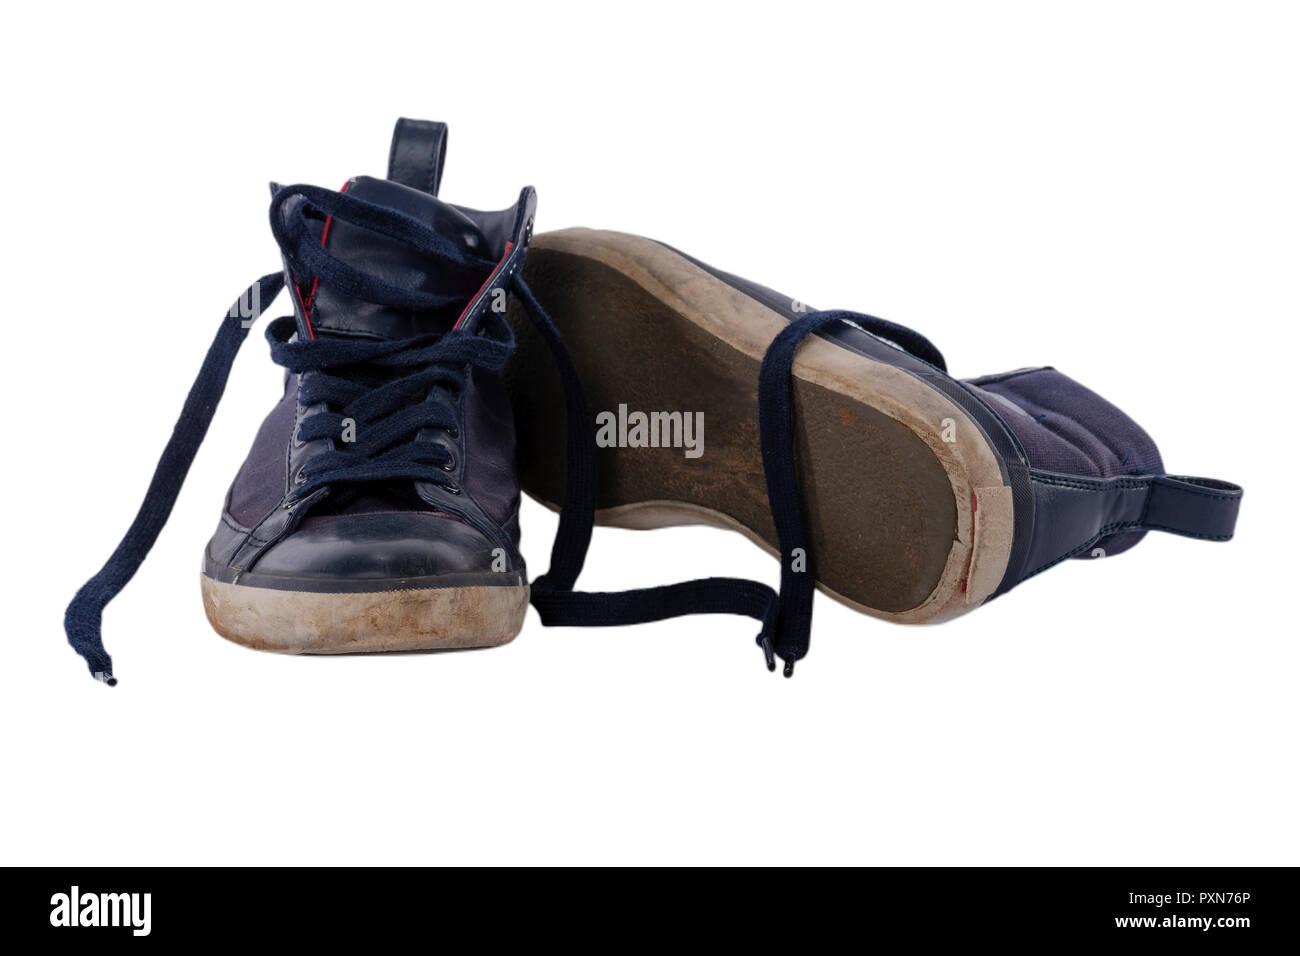 Suchergebnis auf für: XPD Stiefel